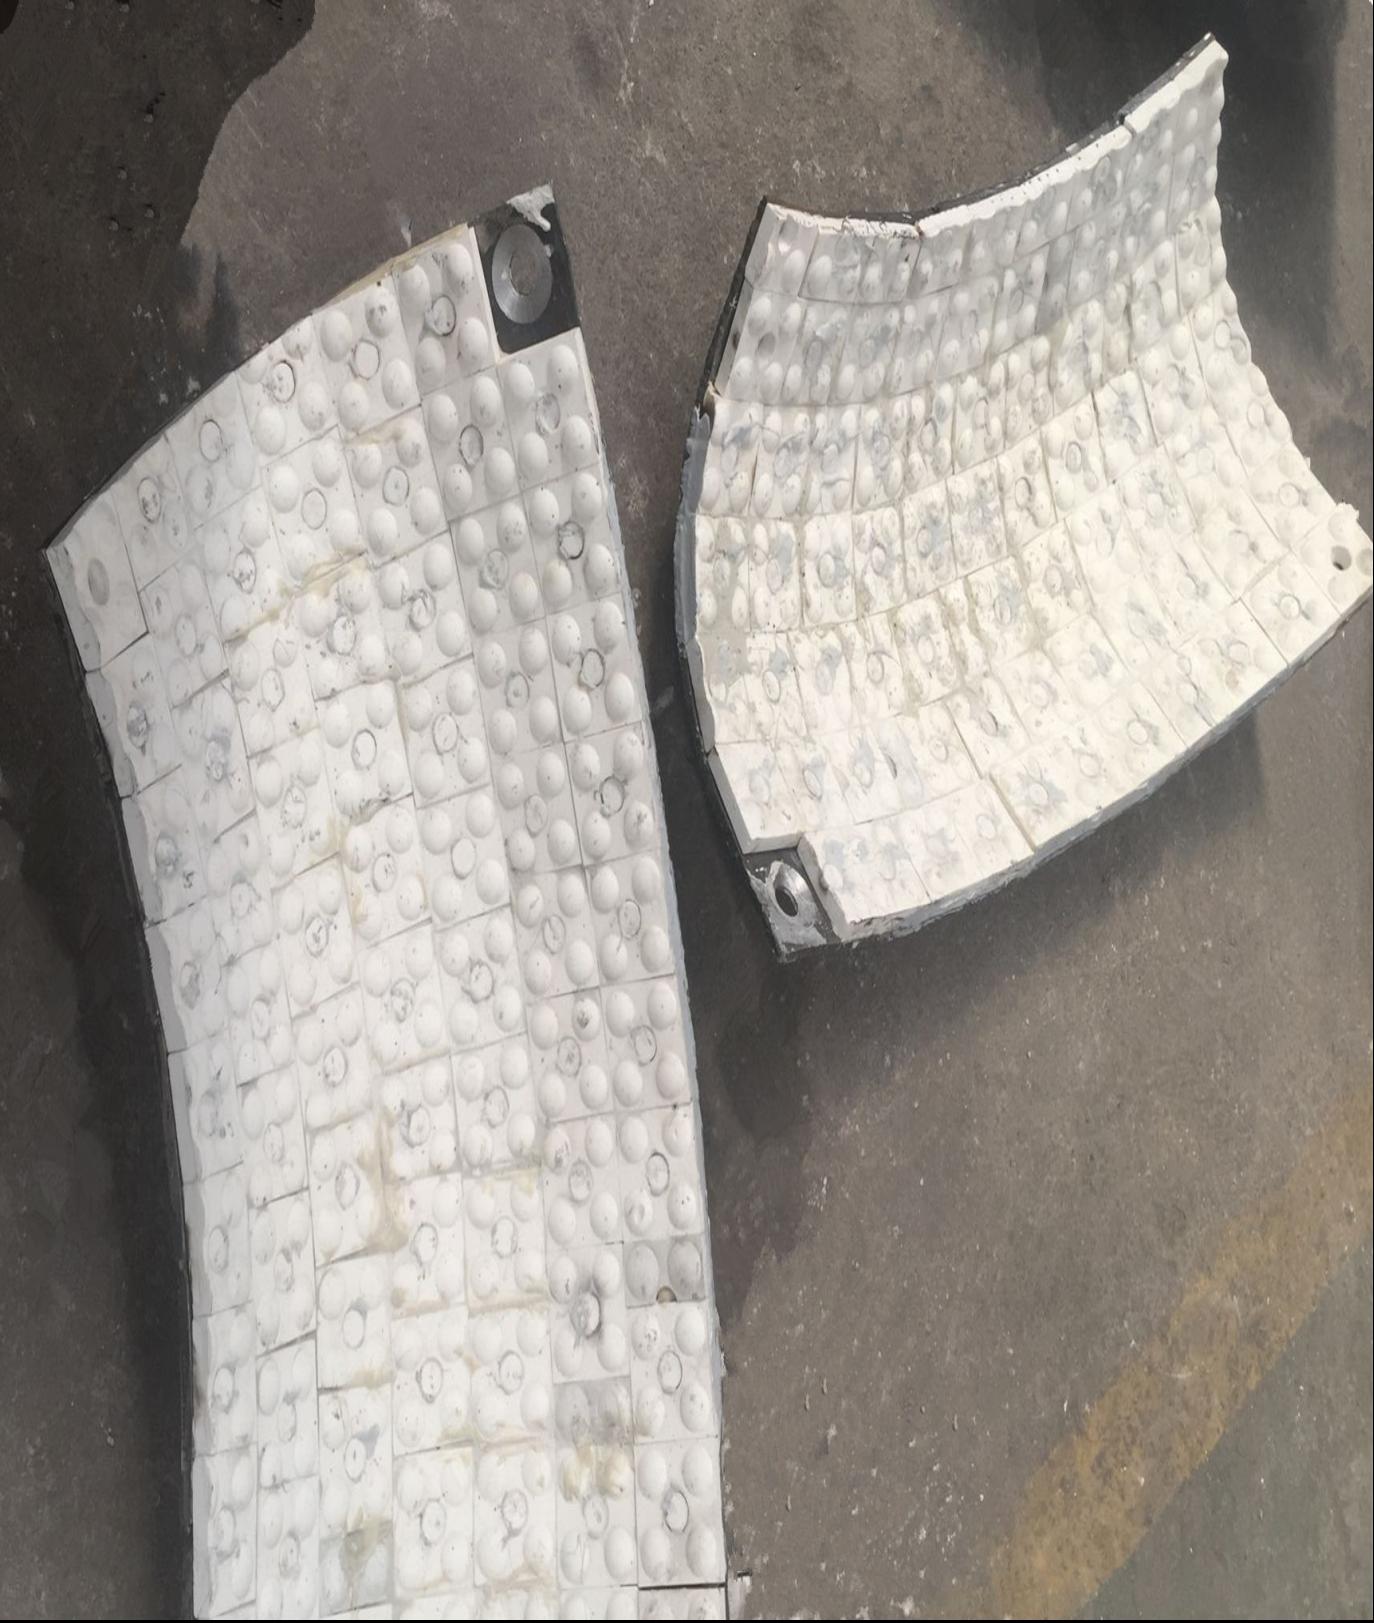 鋼廠高爐料車用那種氧化鋁耐磨陶瓷襯板